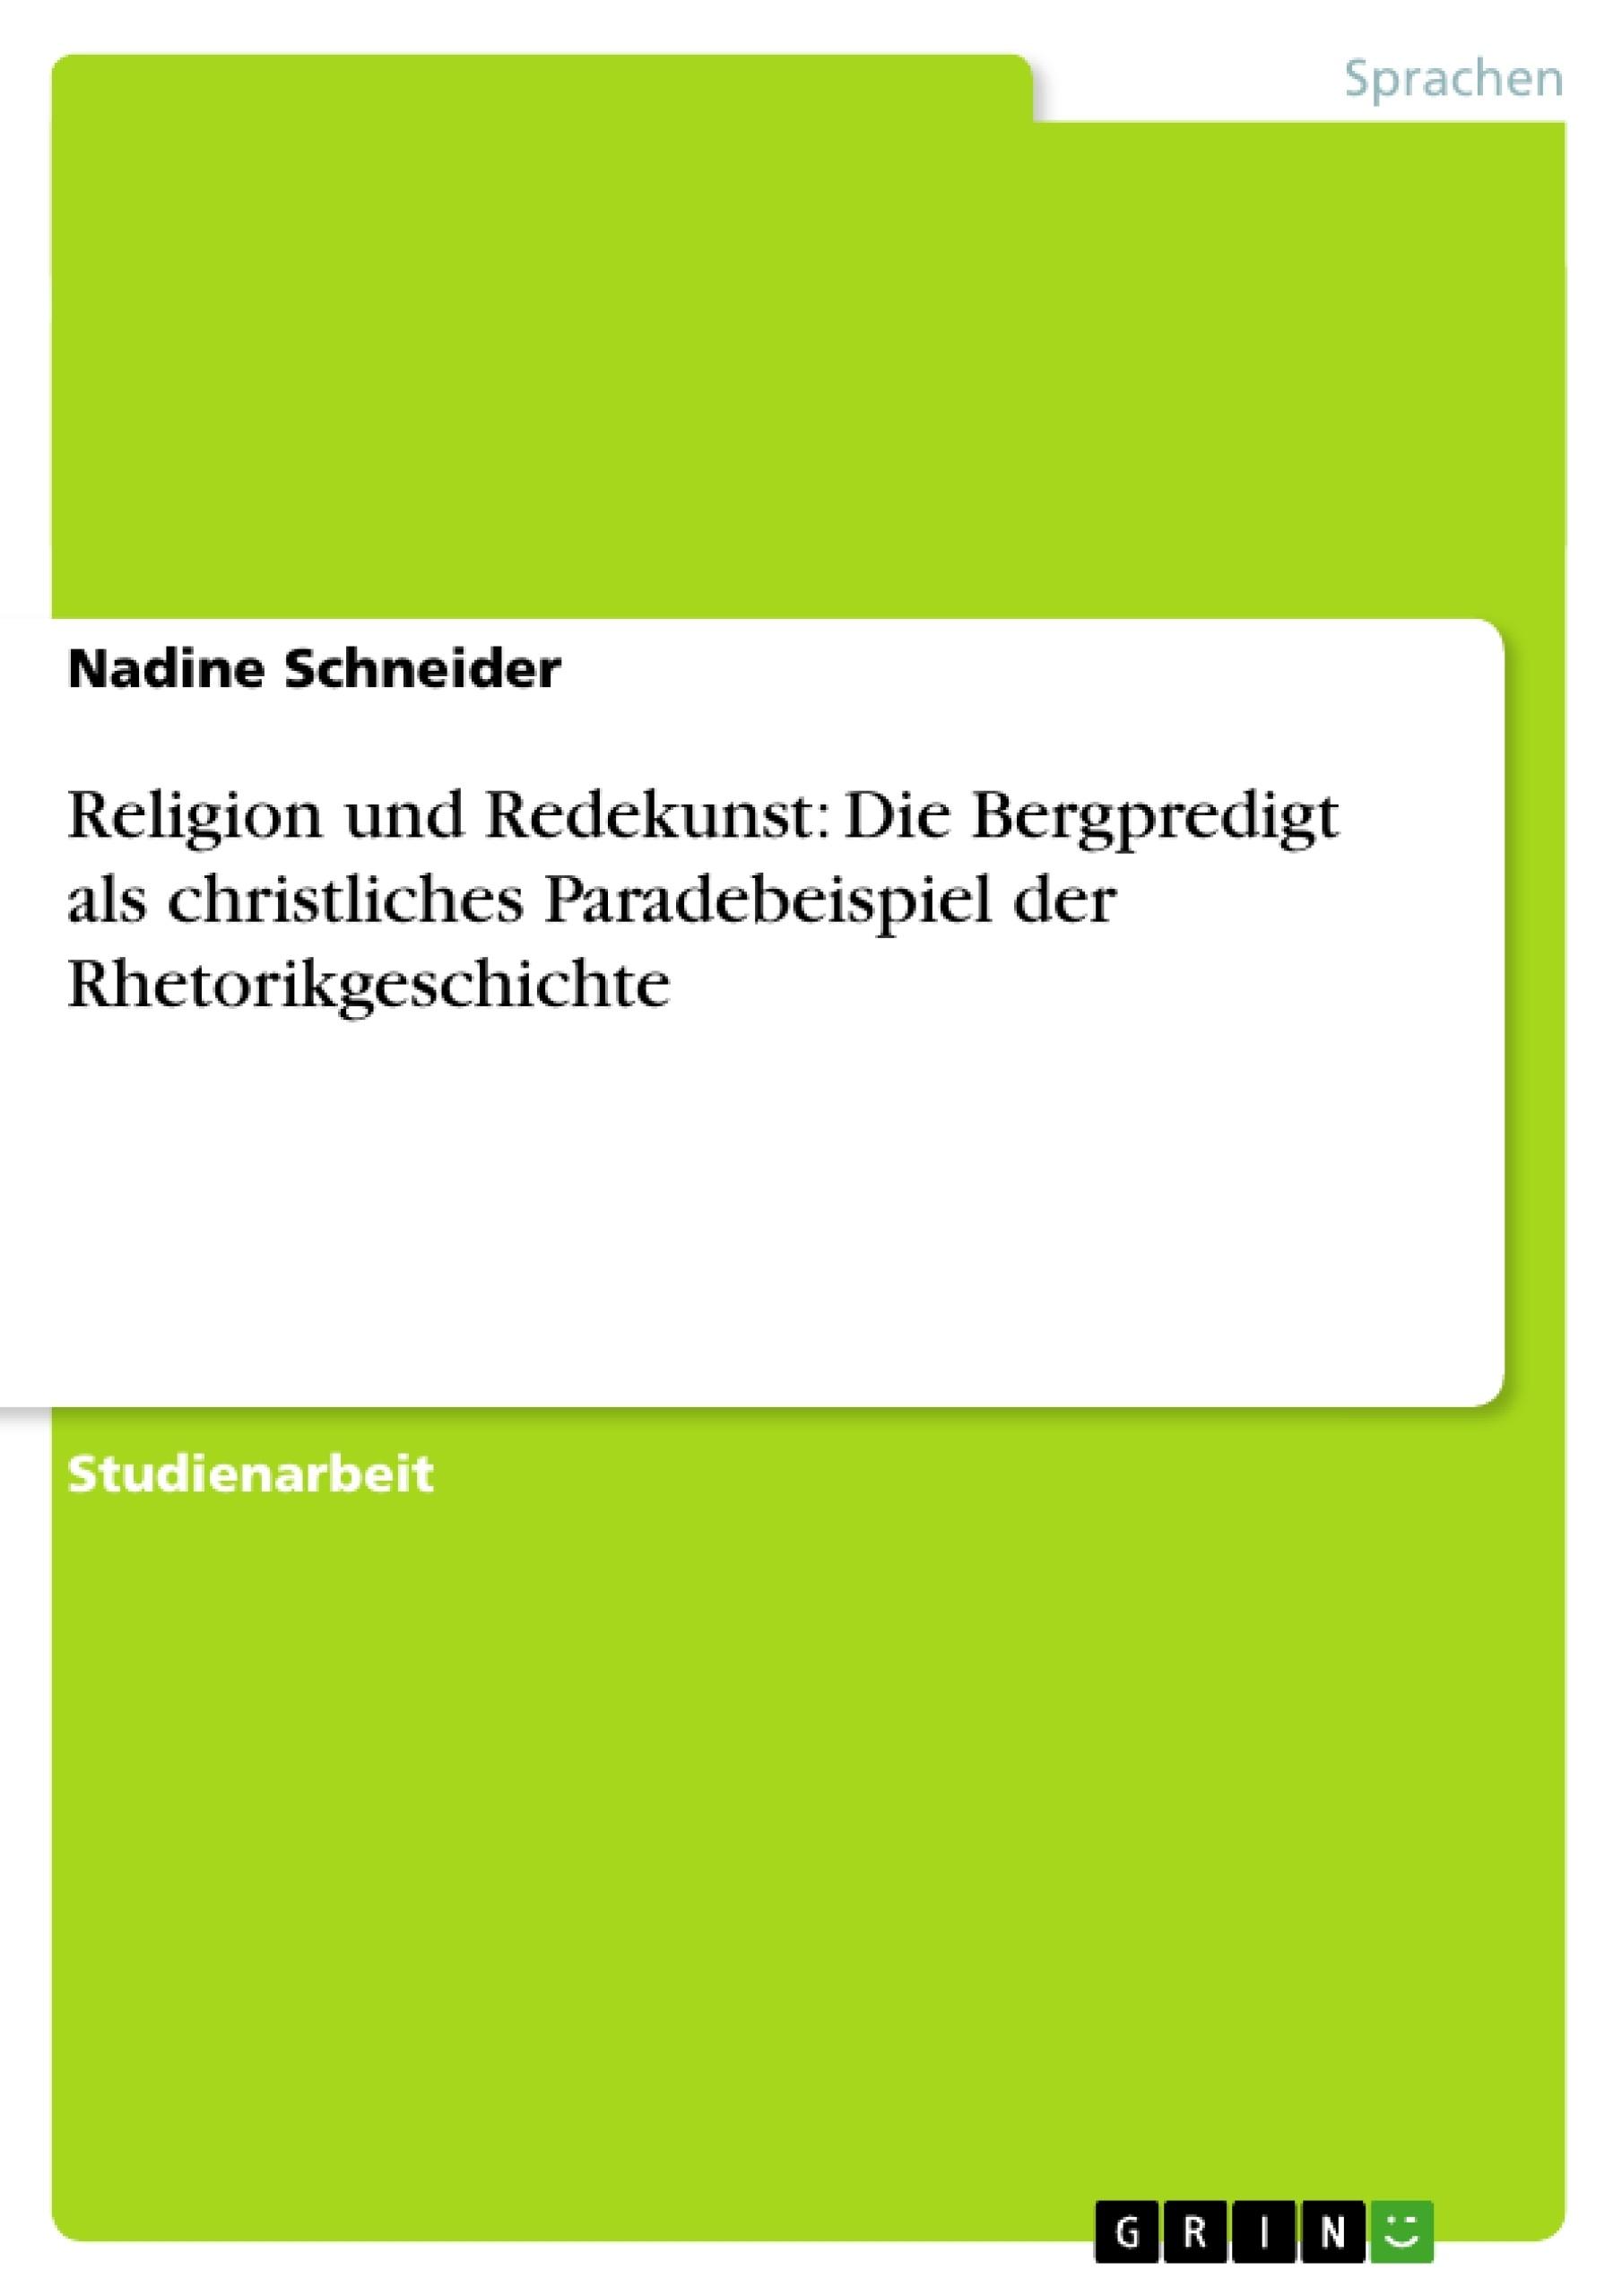 Titel: Religion und Redekunst: Die Bergpredigt als christliches Paradebeispiel der Rhetorikgeschichte